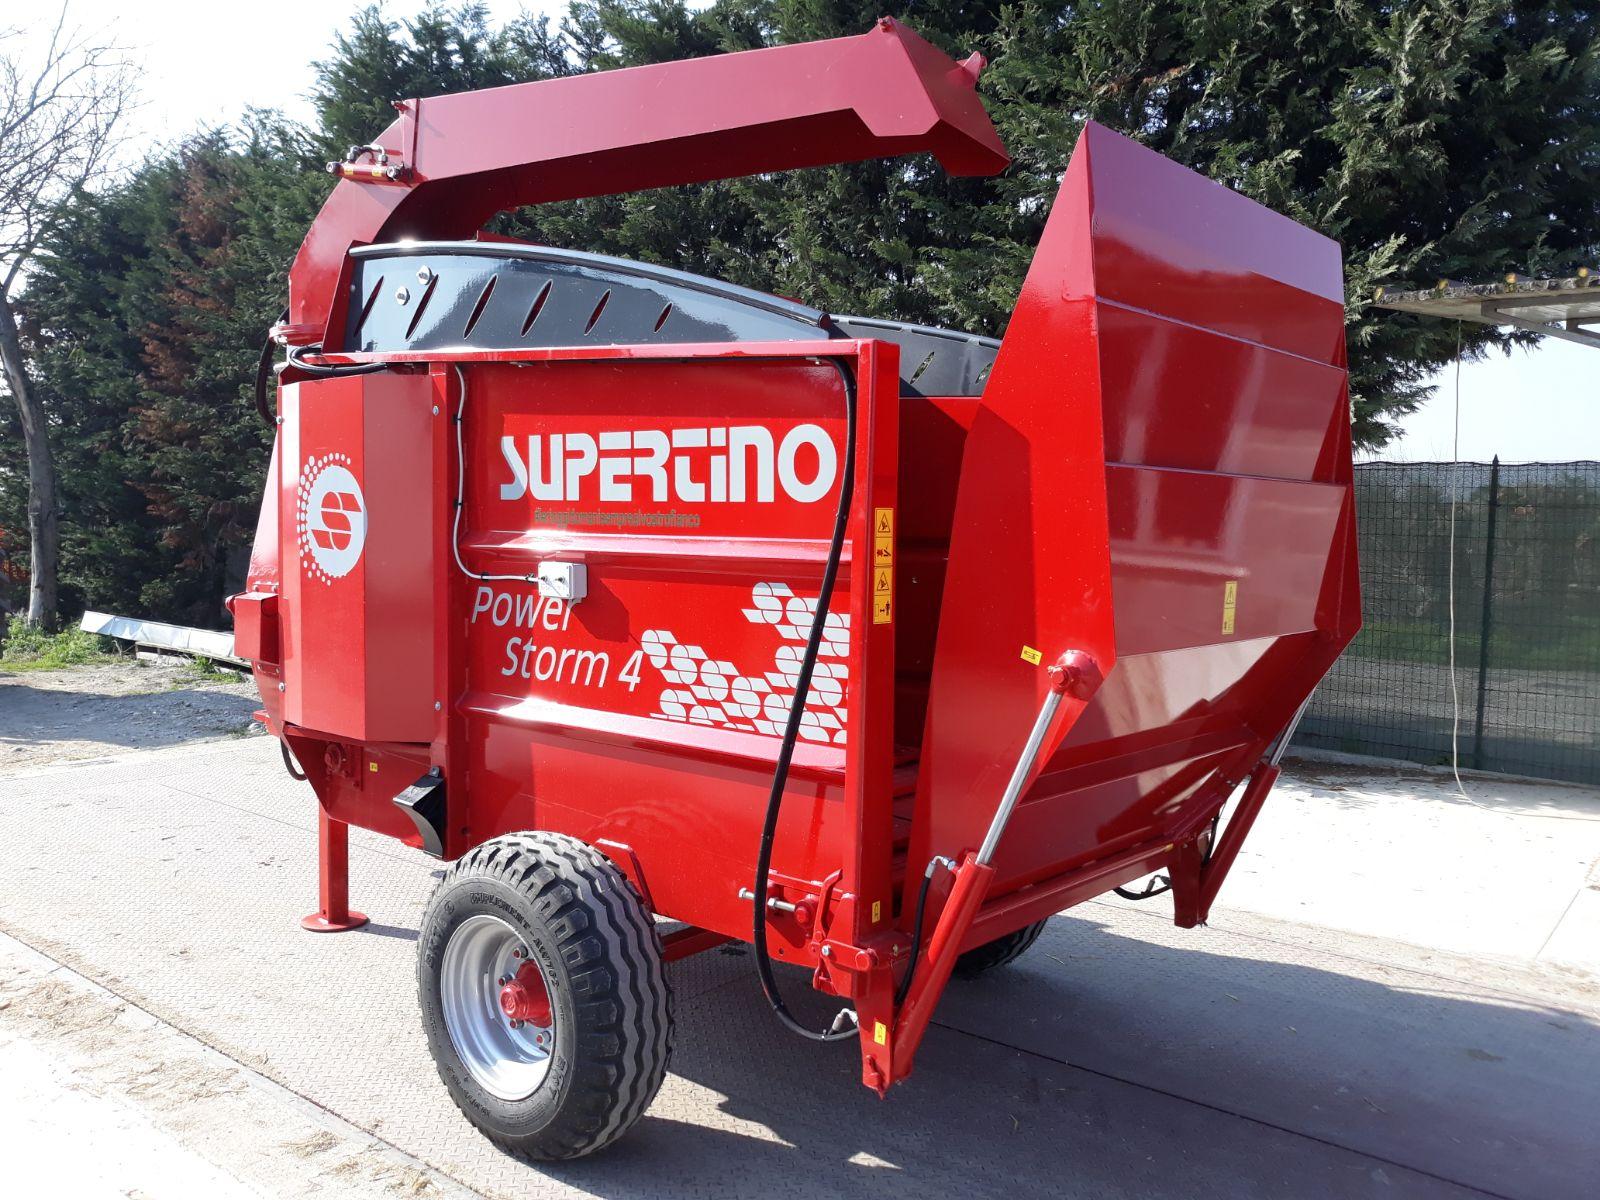 Supertino Power Storm 4